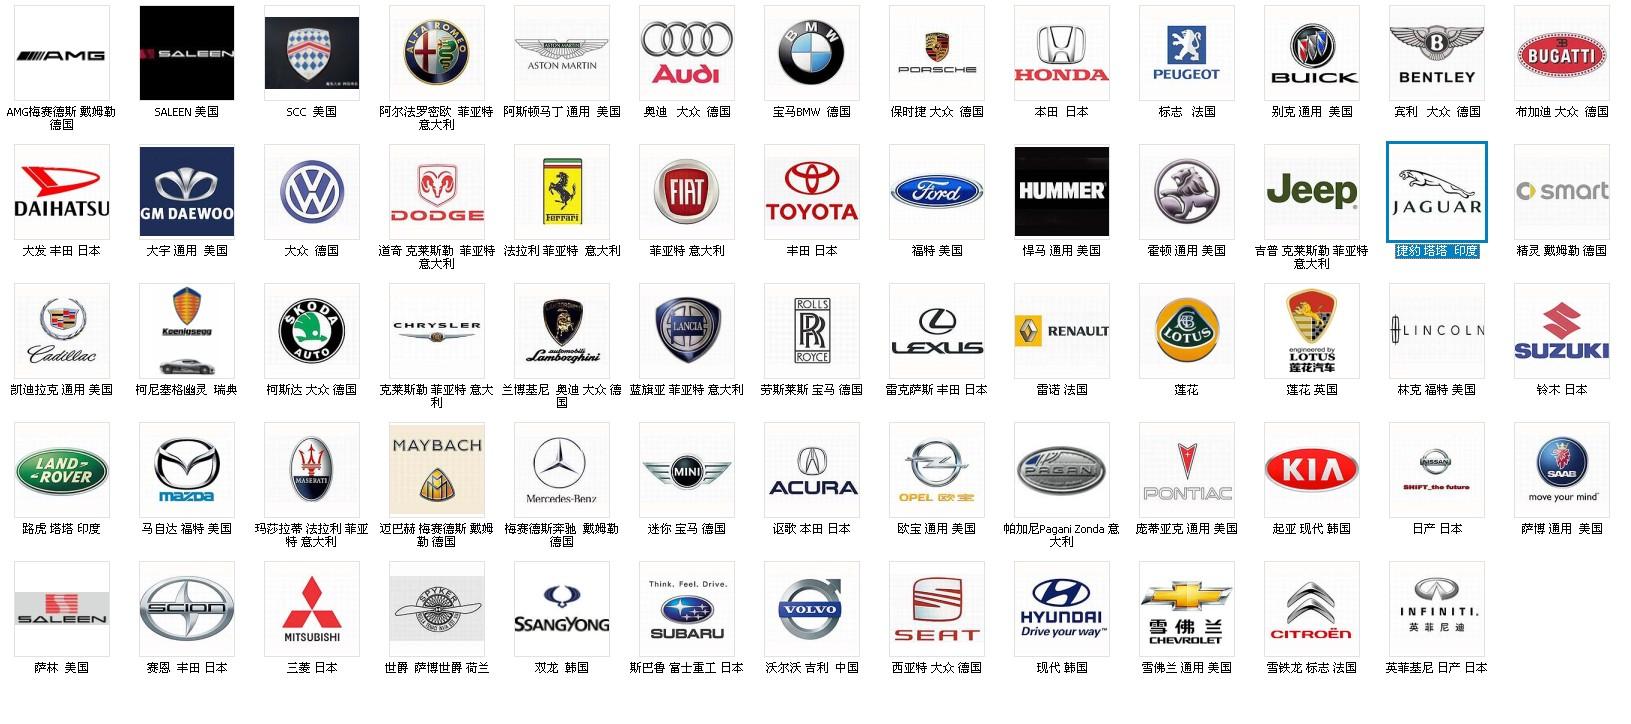 比如太平洋汽车网  第一车网   车168  等网站都有你想要的汽车标志图片